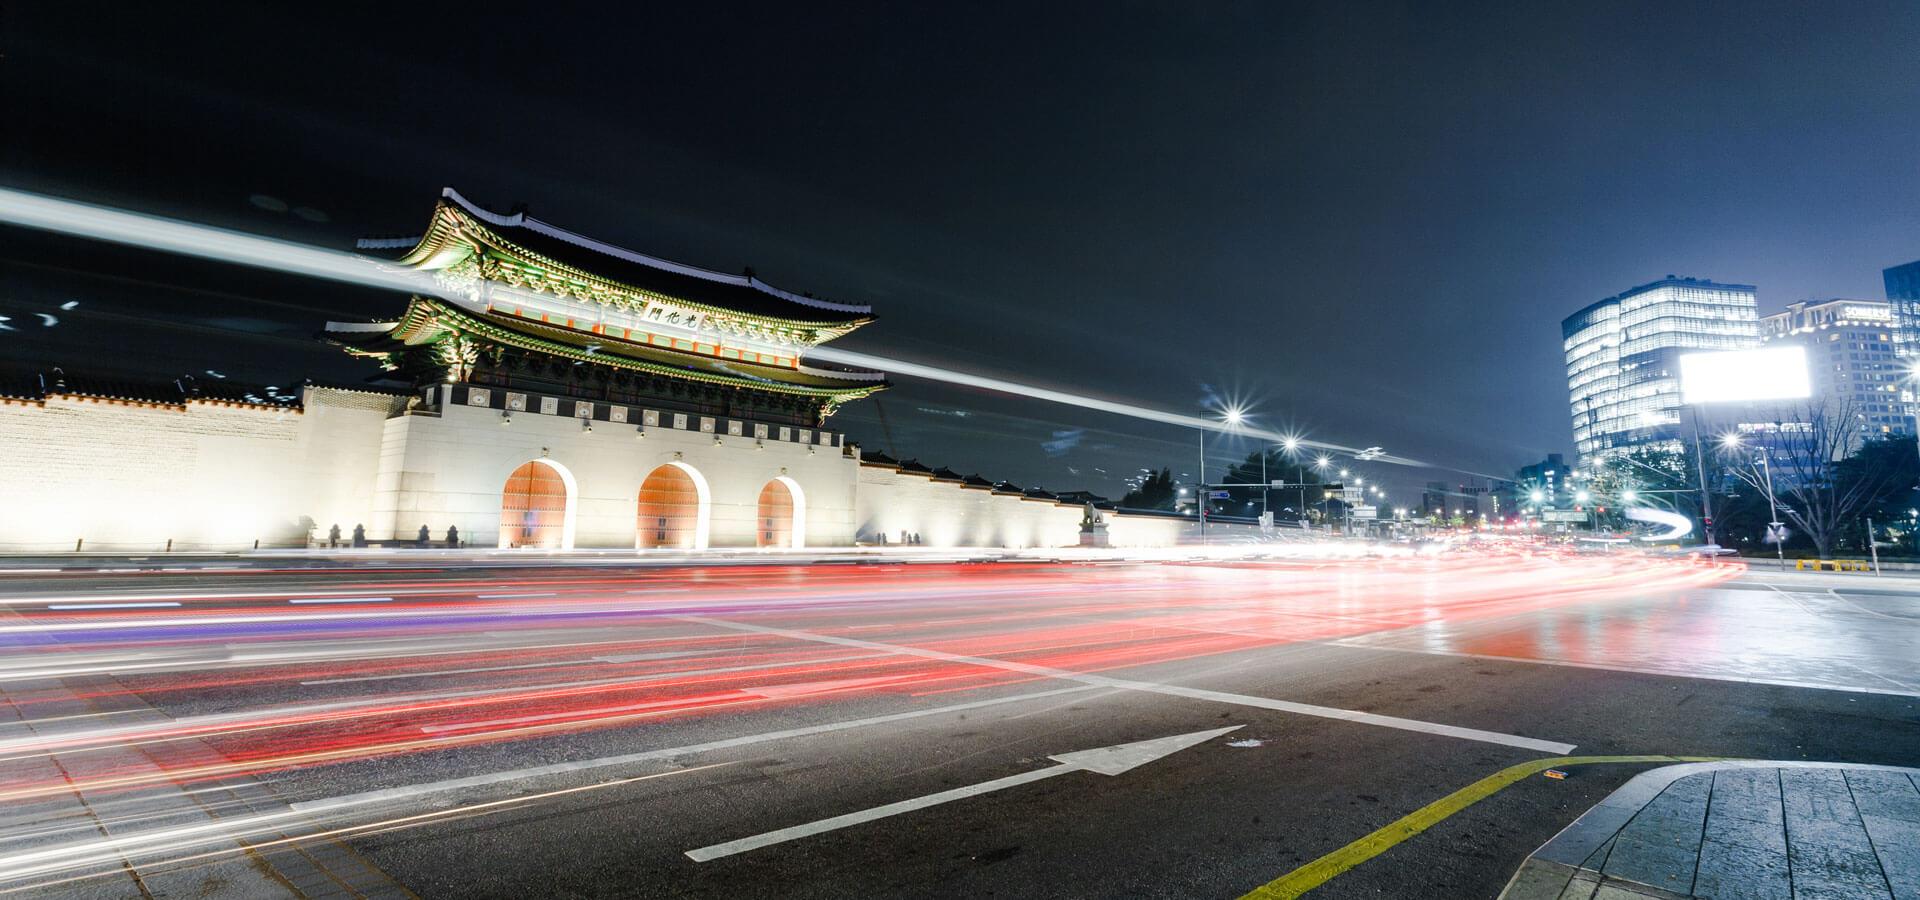 seoul-gwanghuwmoon